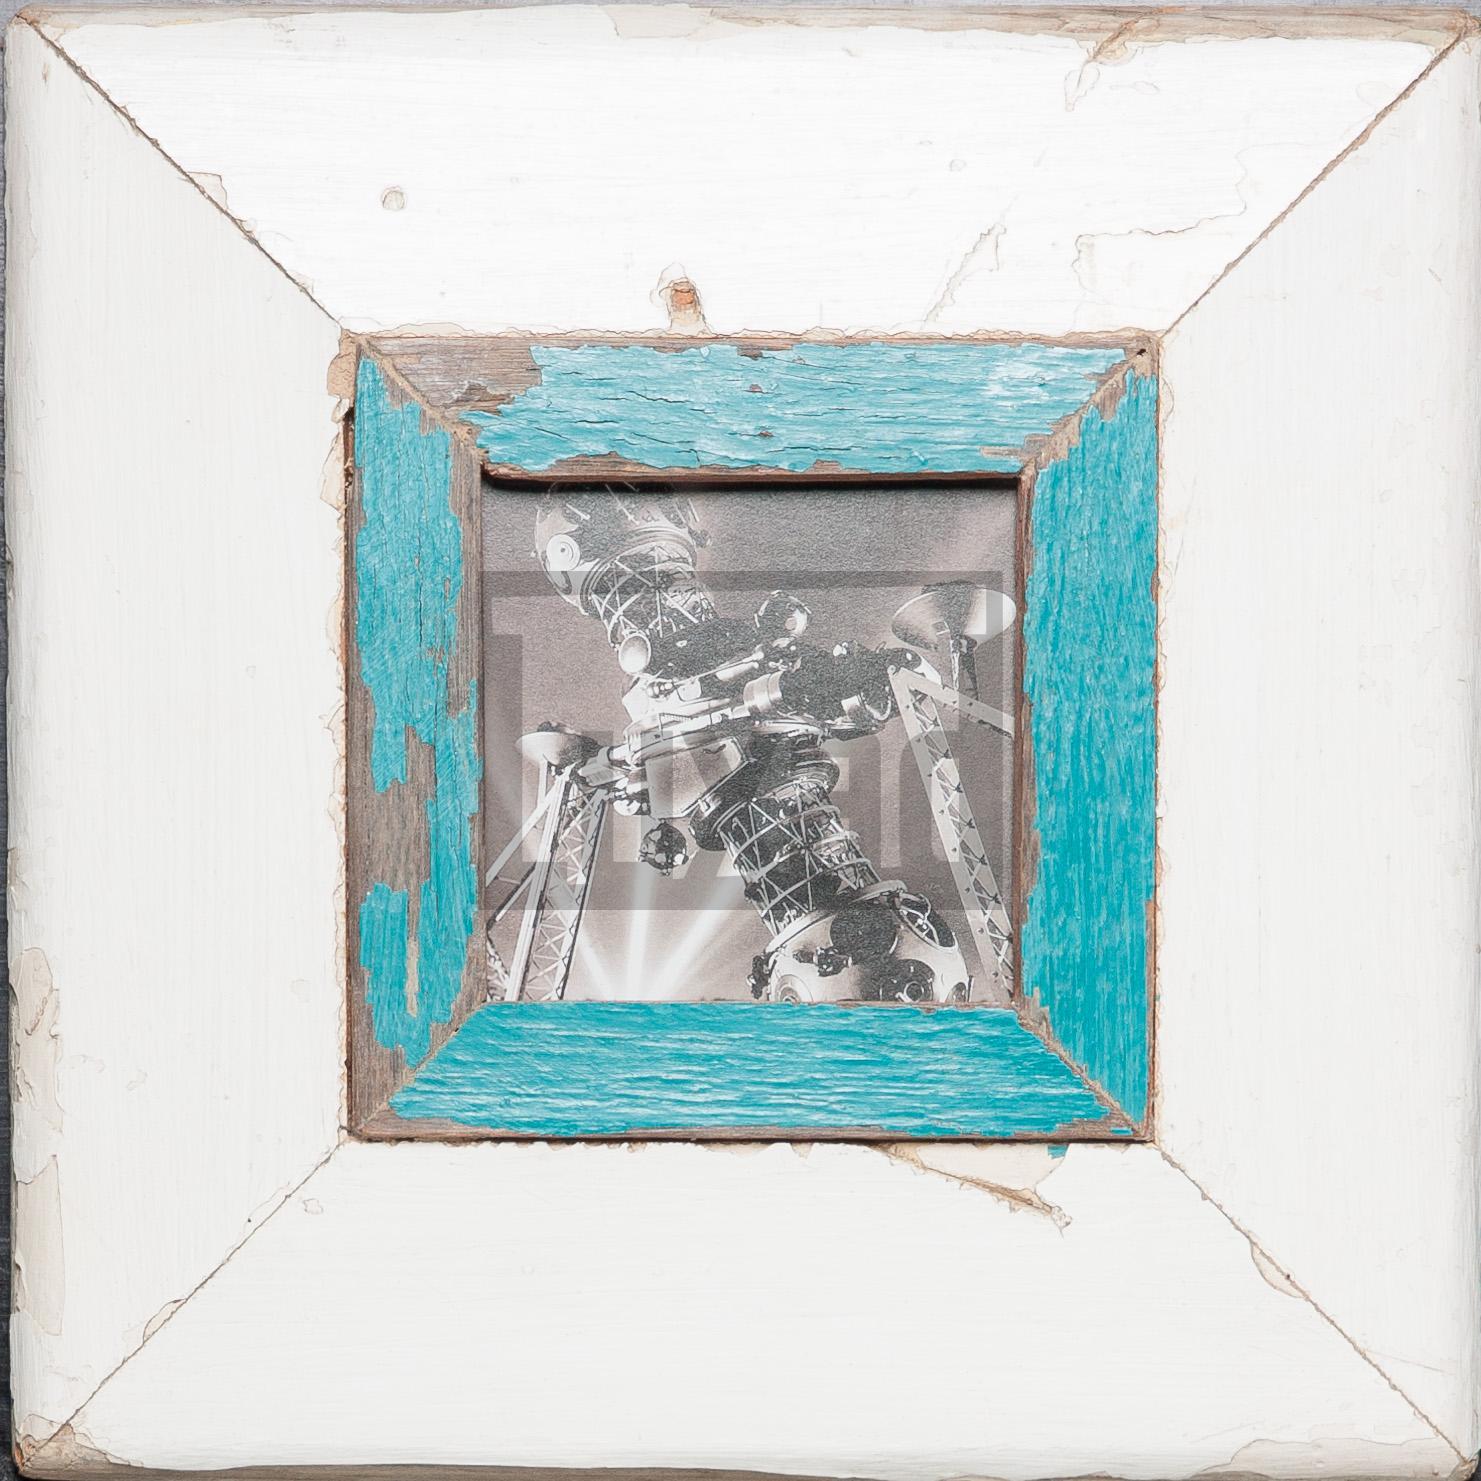 Quadratischer Bilderrahmen aus alten Holzleisten für dein Lieblingsfoto